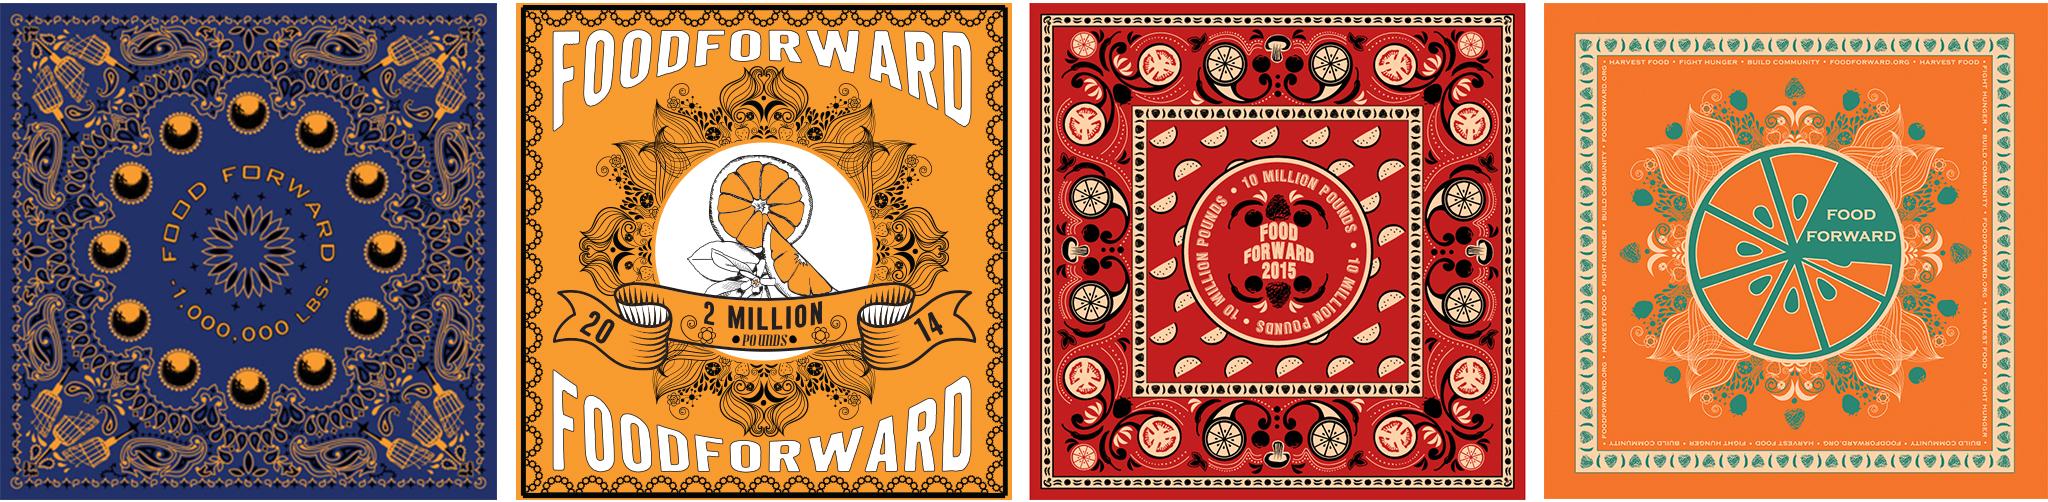 Food Forward-Bandana